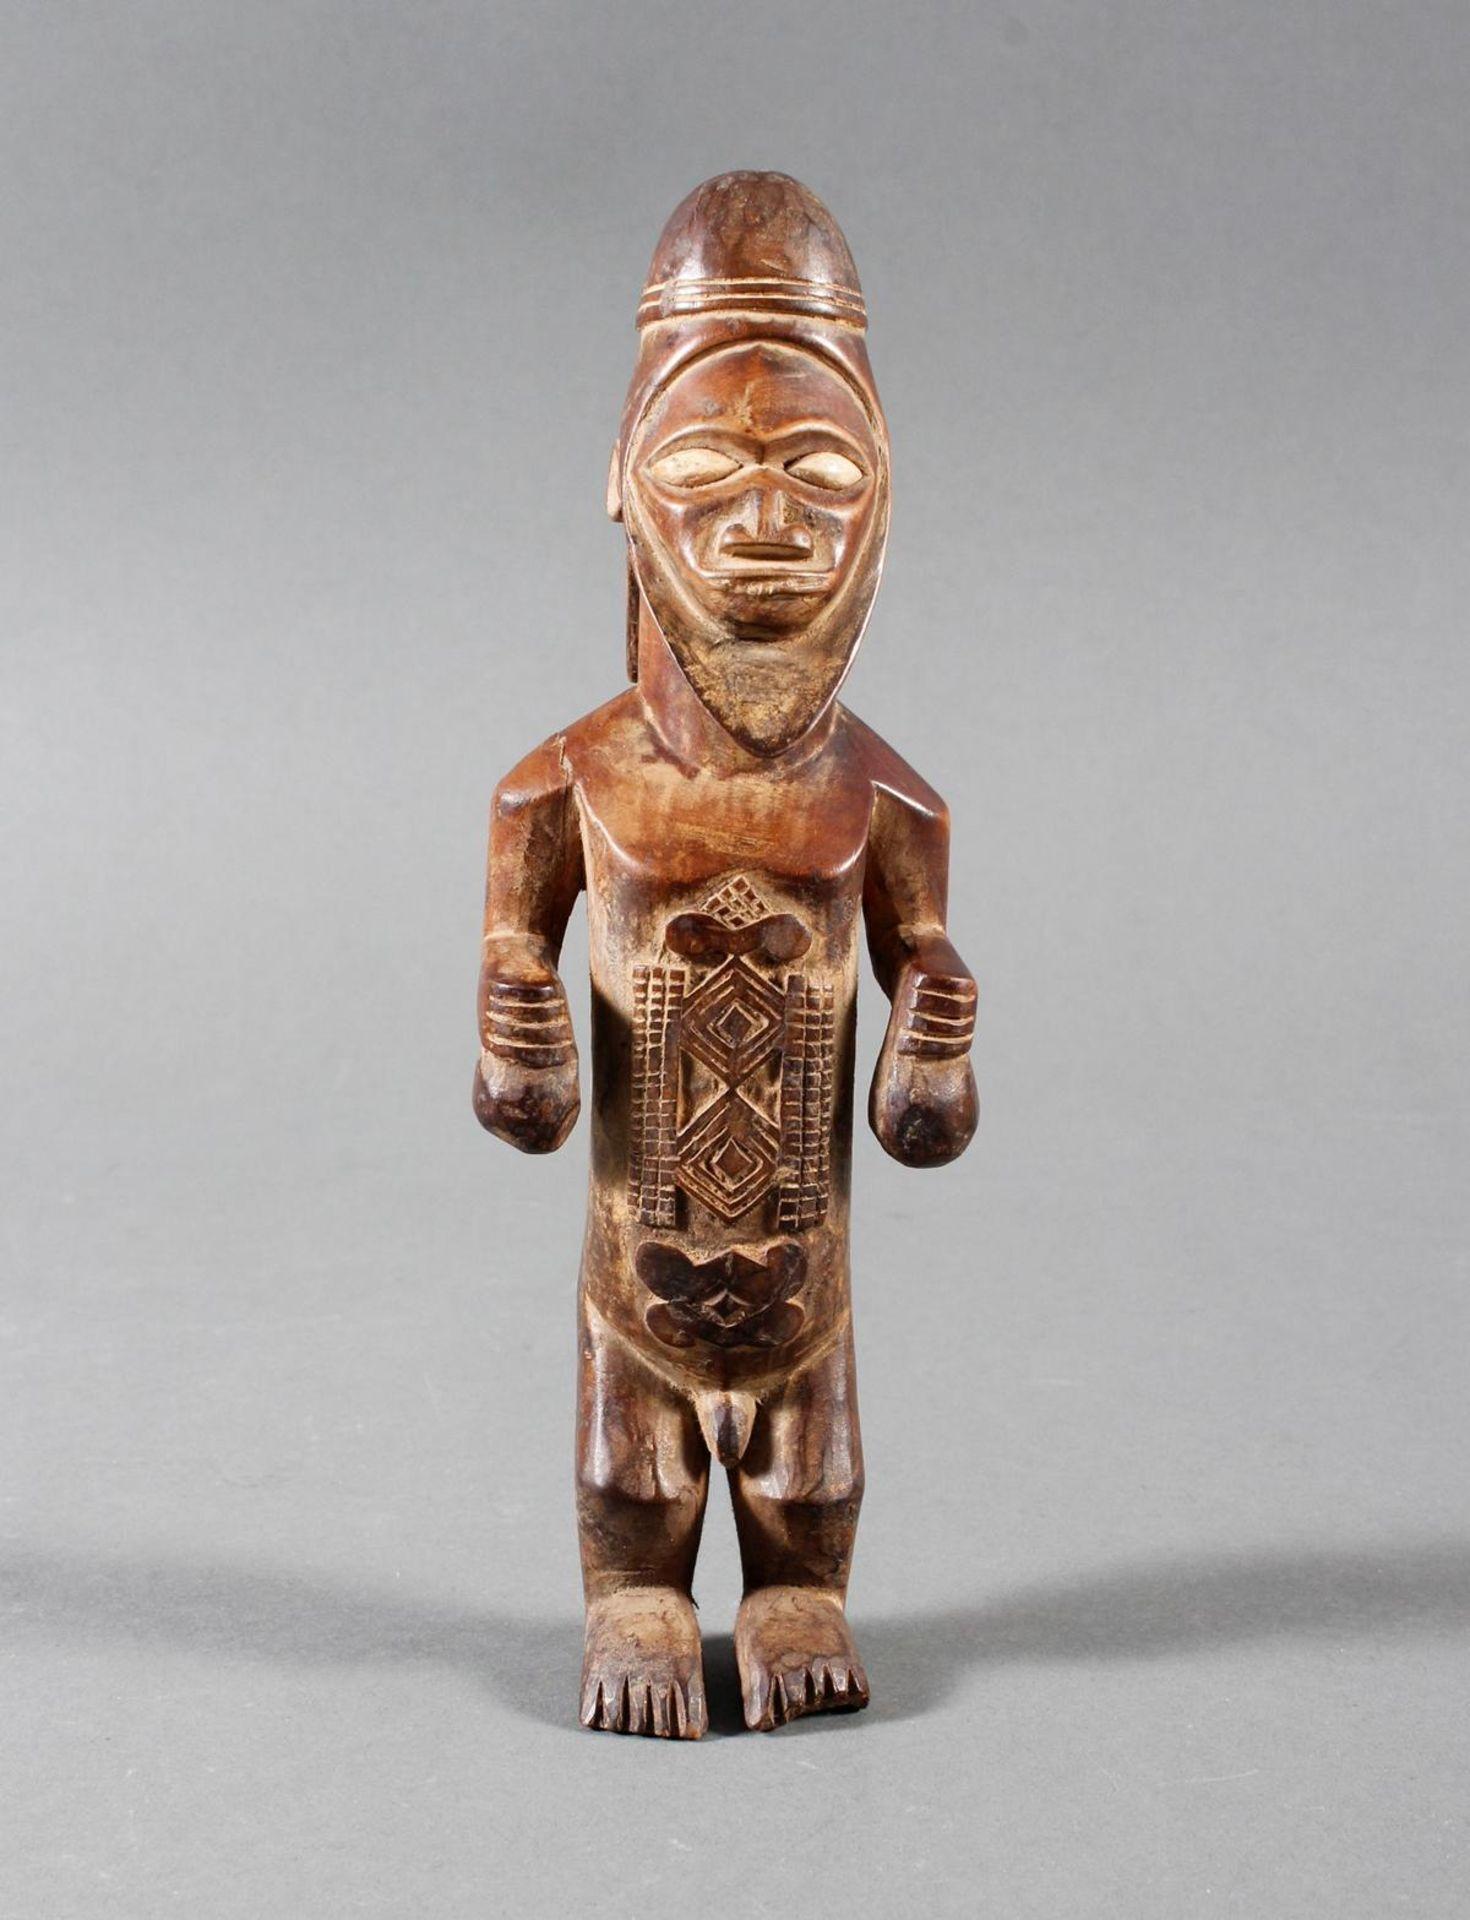 Krypto-Fetischfigur, Bembe / Kongo